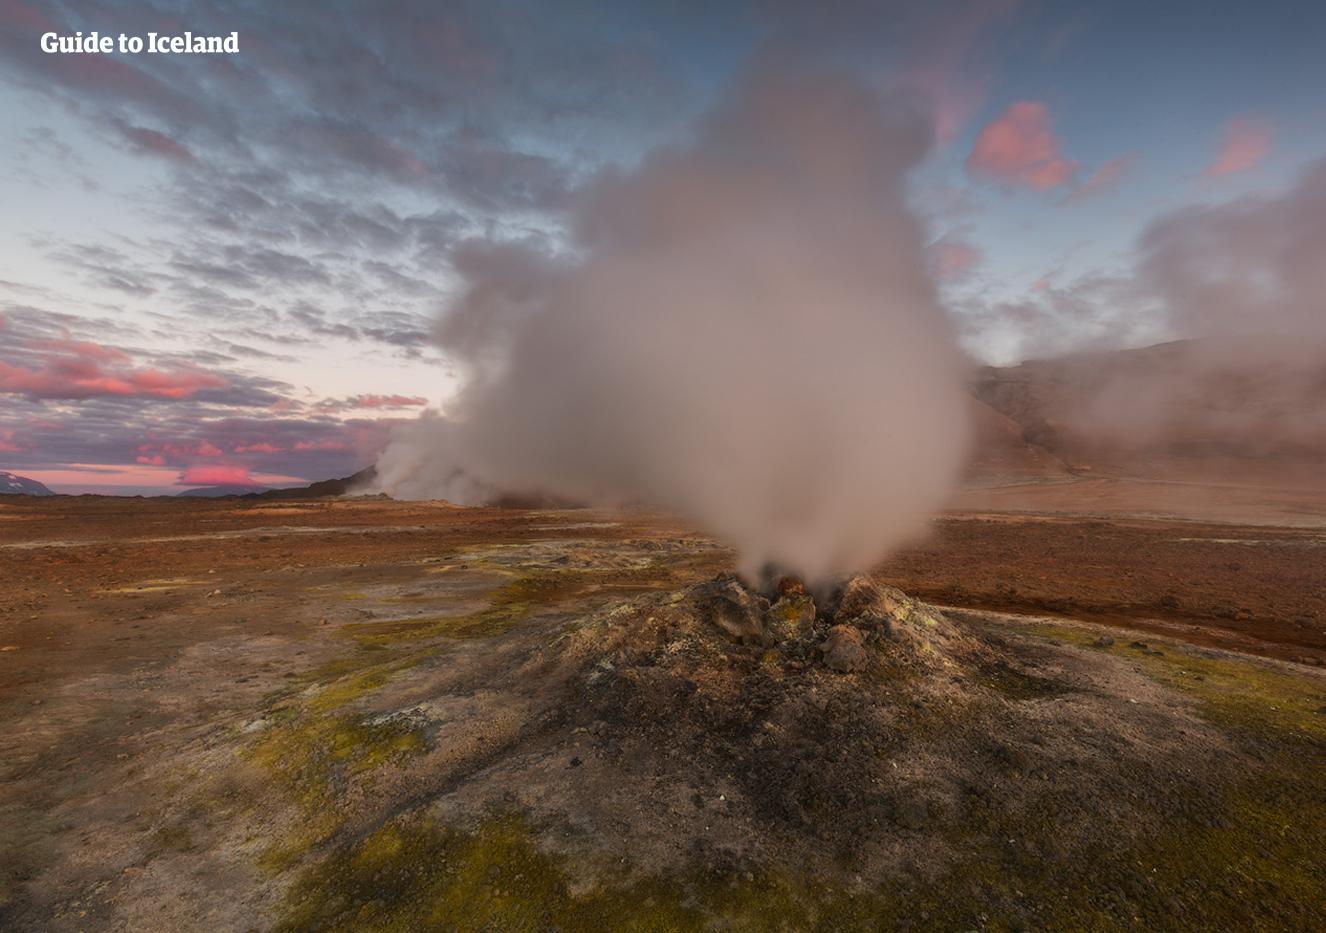 In der Geothermalregion Namaskard in der Nähe des Myvatn-Sees steigt Dampf aus dem Boden.